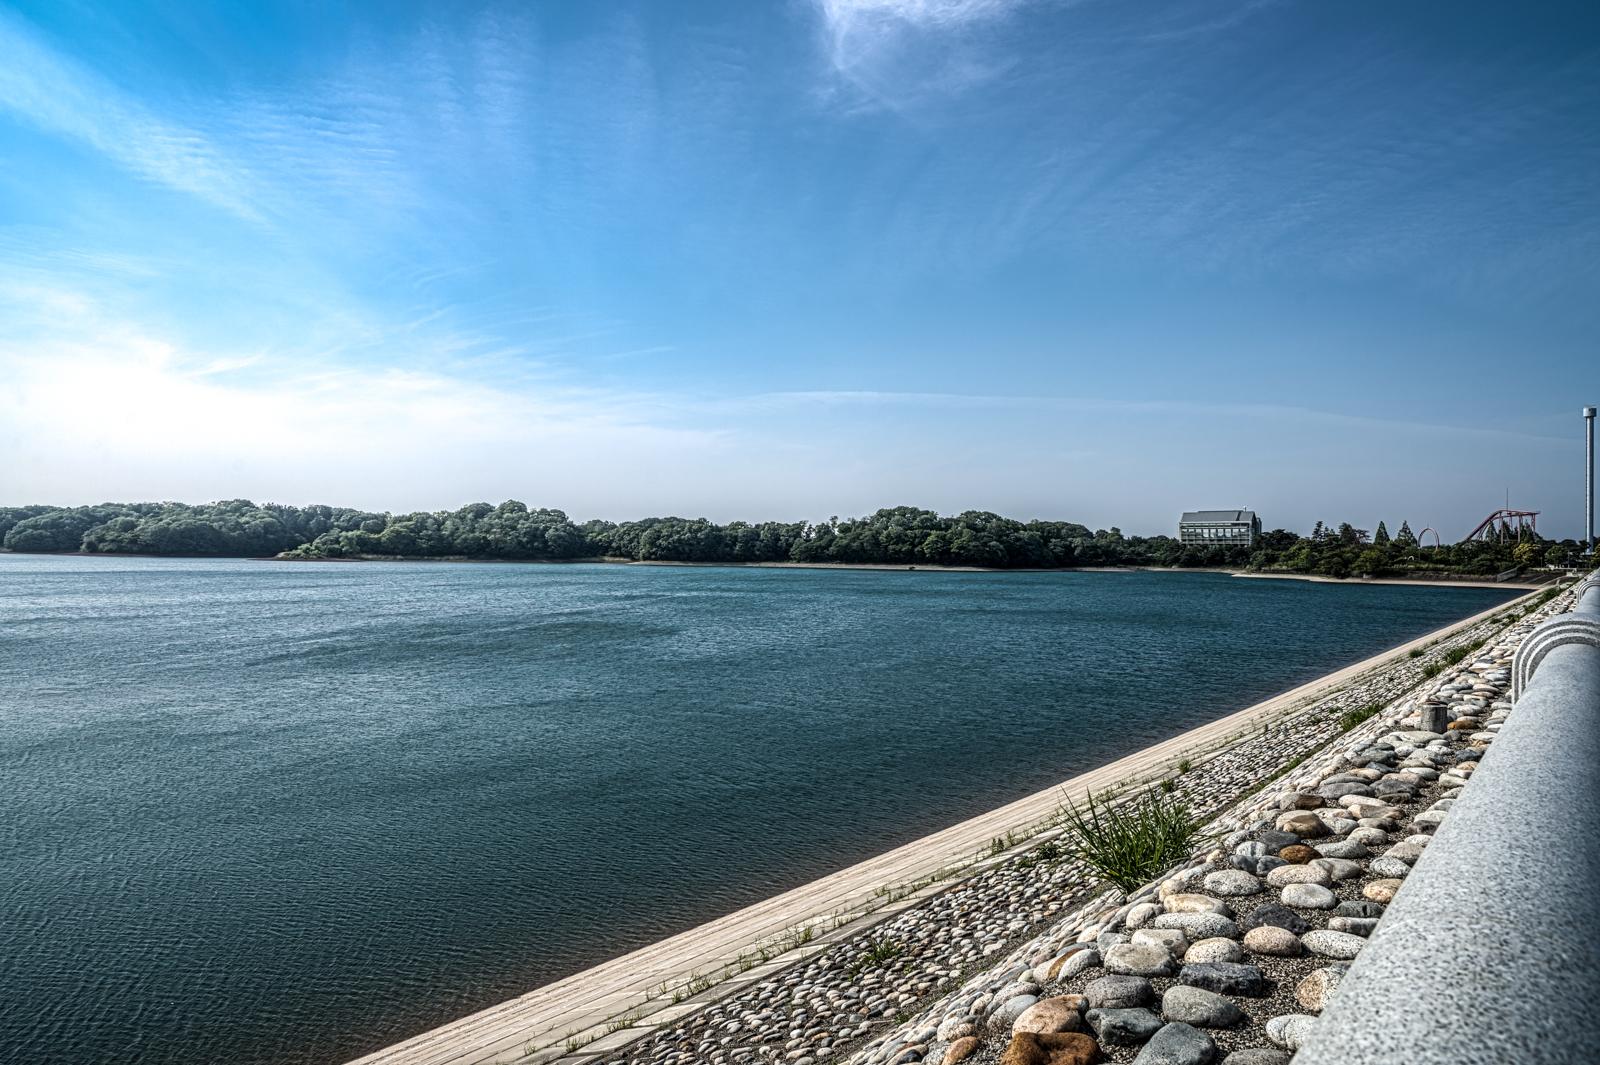 多摩湖のHDR写真 2枚目